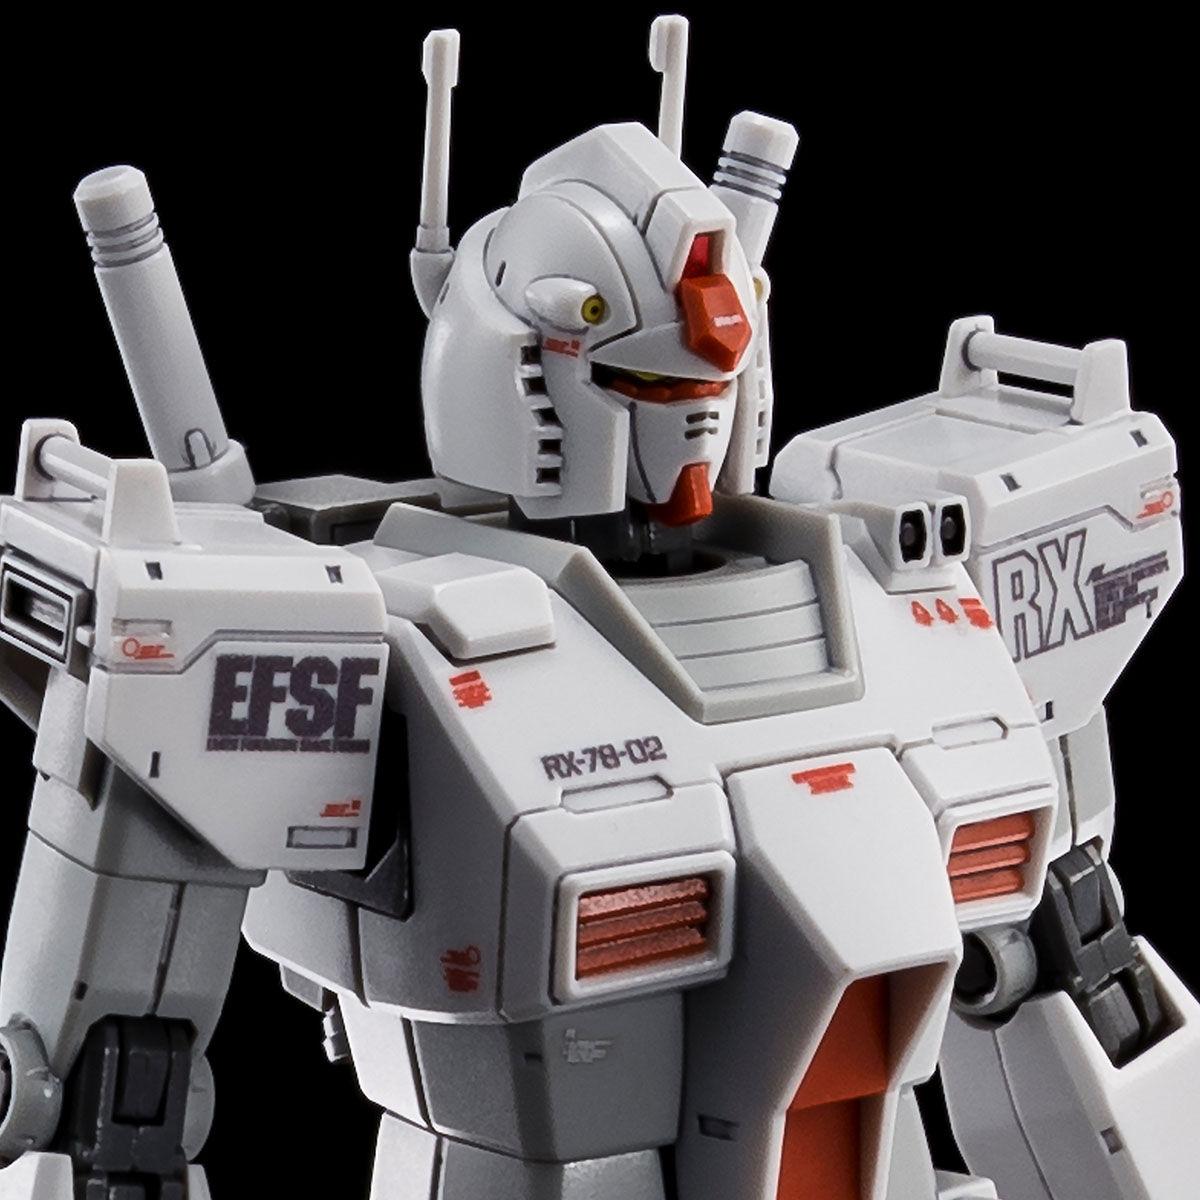 【限定販売】【2次】HG 1/144『RX-78-02 ガンダム ロールアウトカラー(GUNDAM THE ORIGIN版)』プラモデル-001